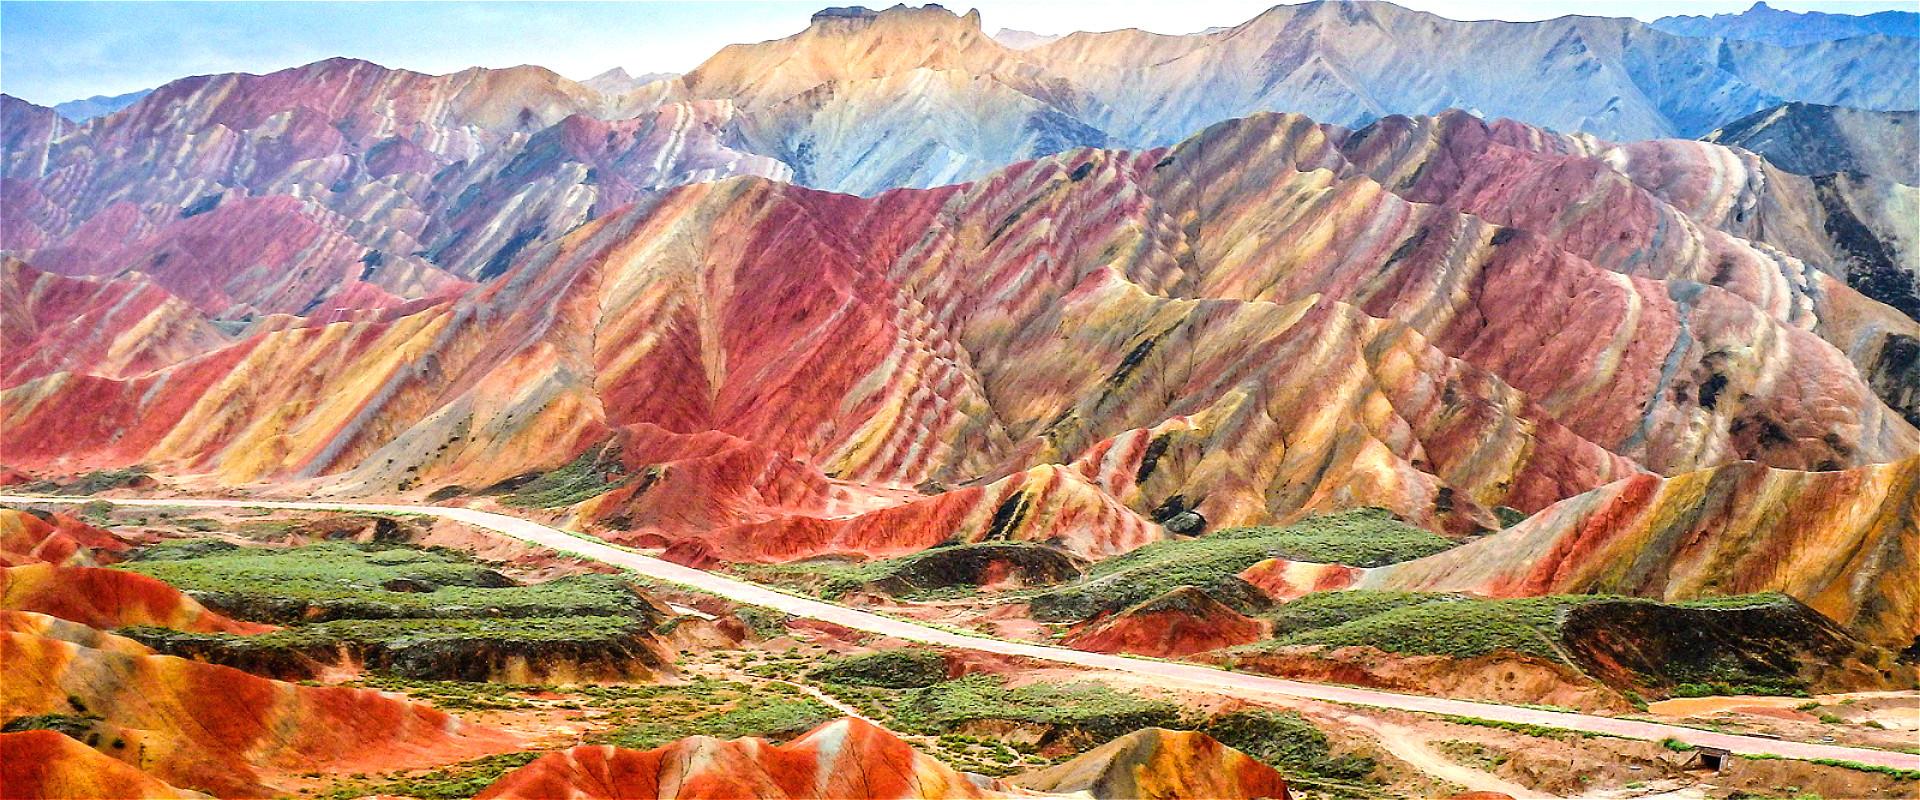 La Route de la soie & le Yunnan